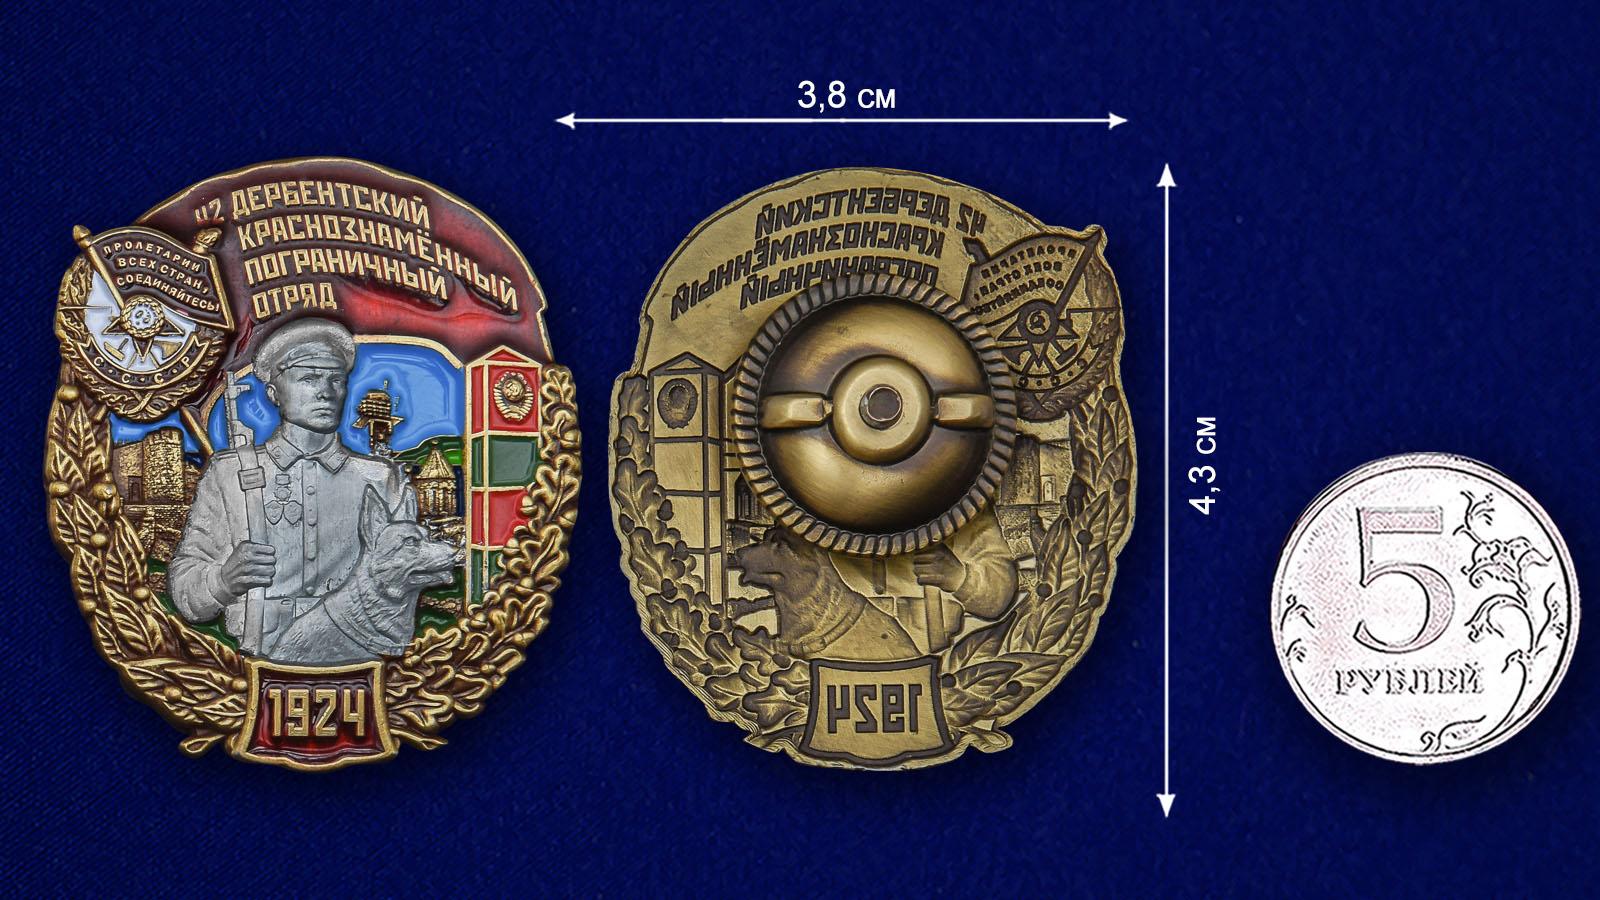 Знак 42 Дербентский Краснознамённый Пограничный отряд - размер